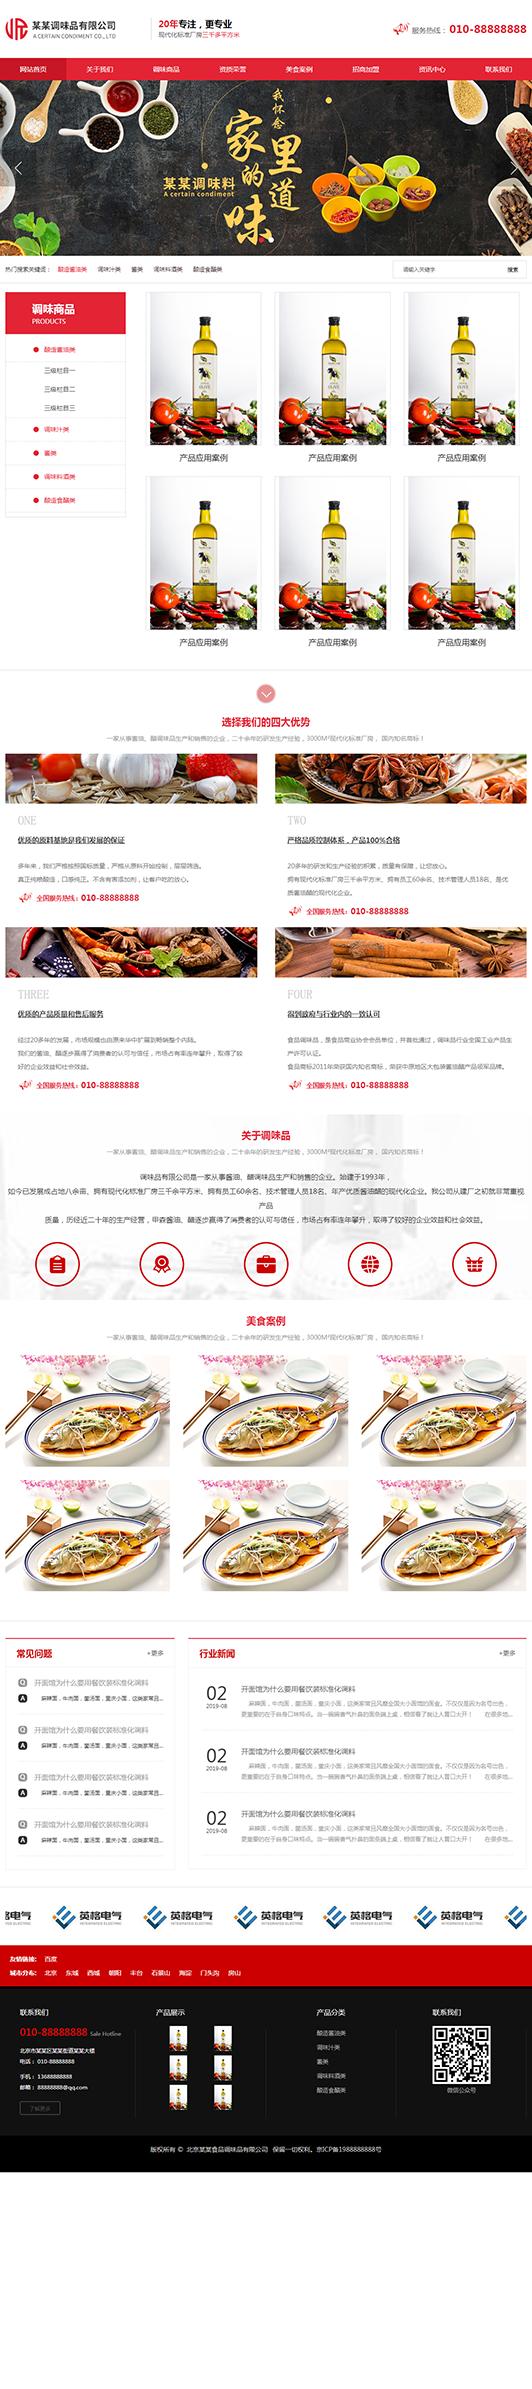 调味品公司网站通用响应式模板